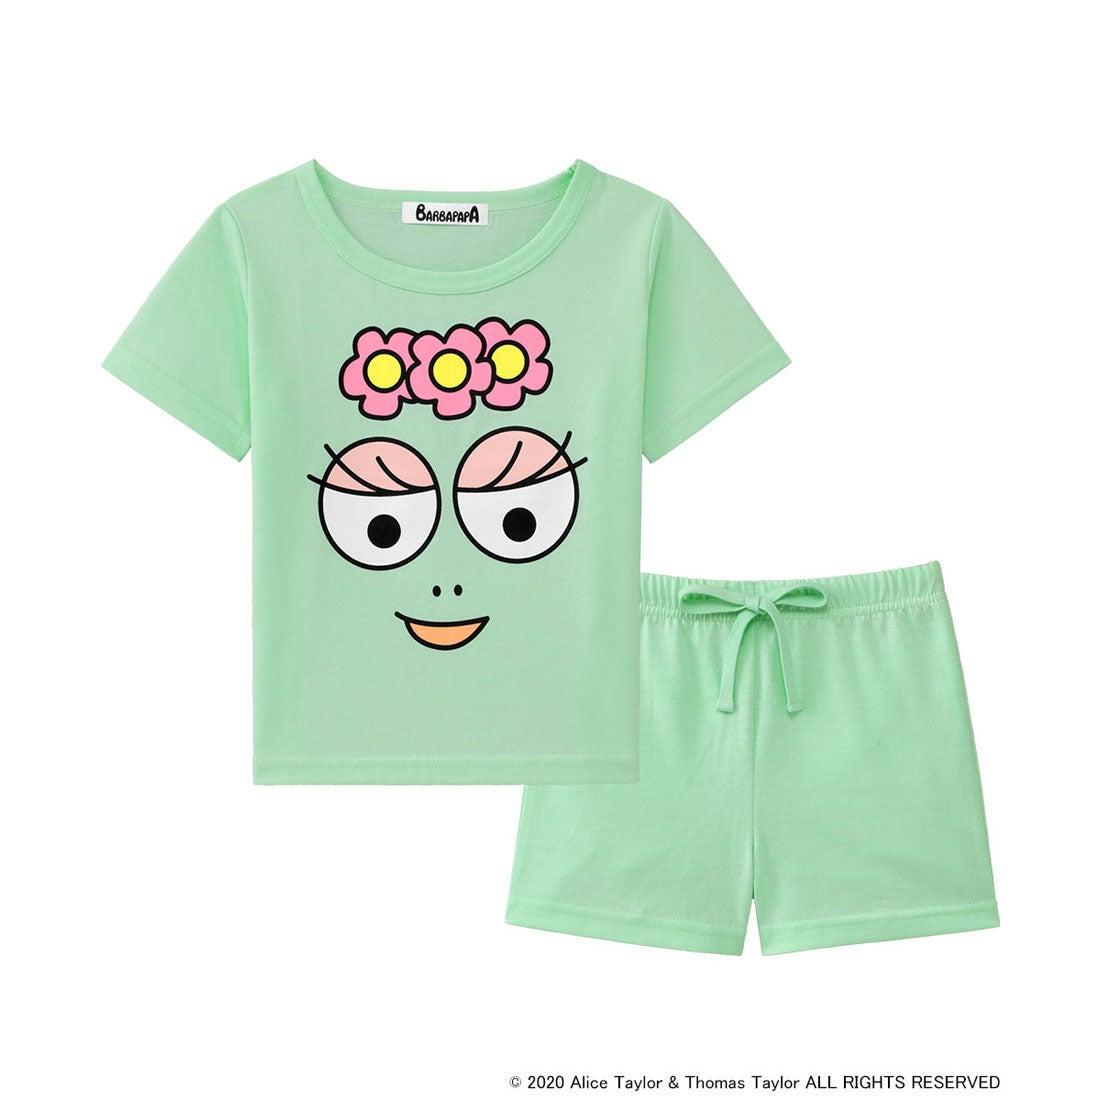 【ワンマイルウェア】バーバパパ Tシャツ Kids 上下セット メロン/ME 【返品不可商品】